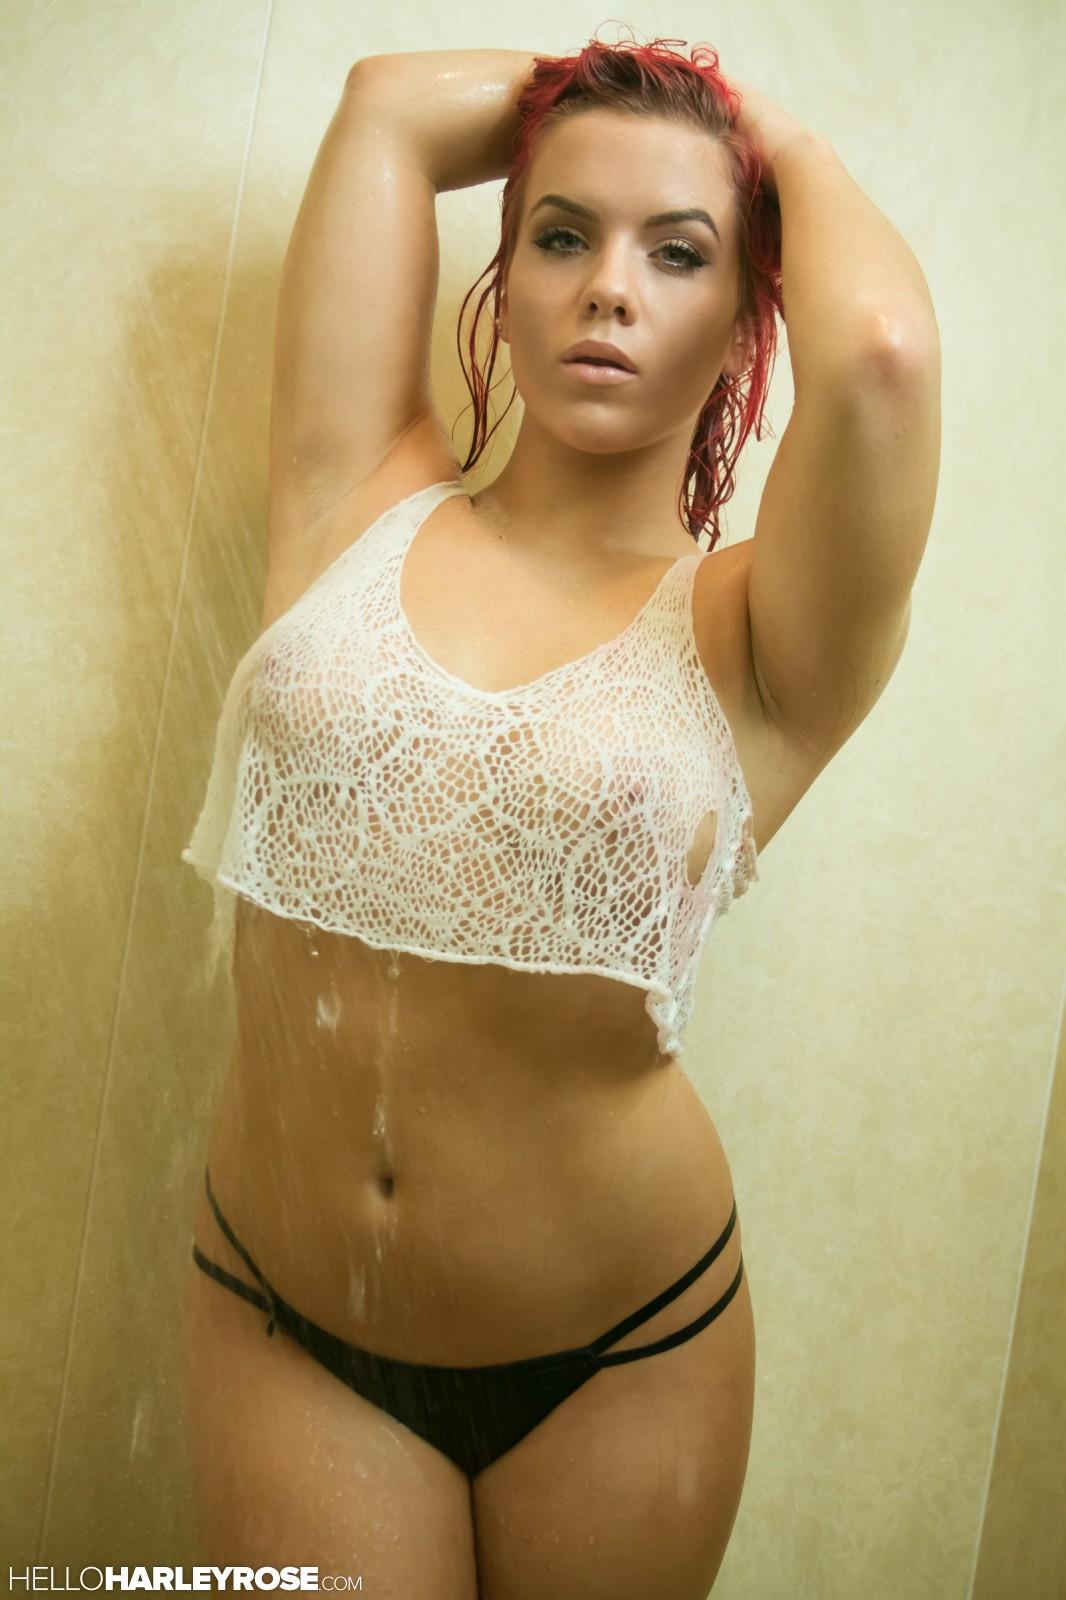 Hot girl football naked